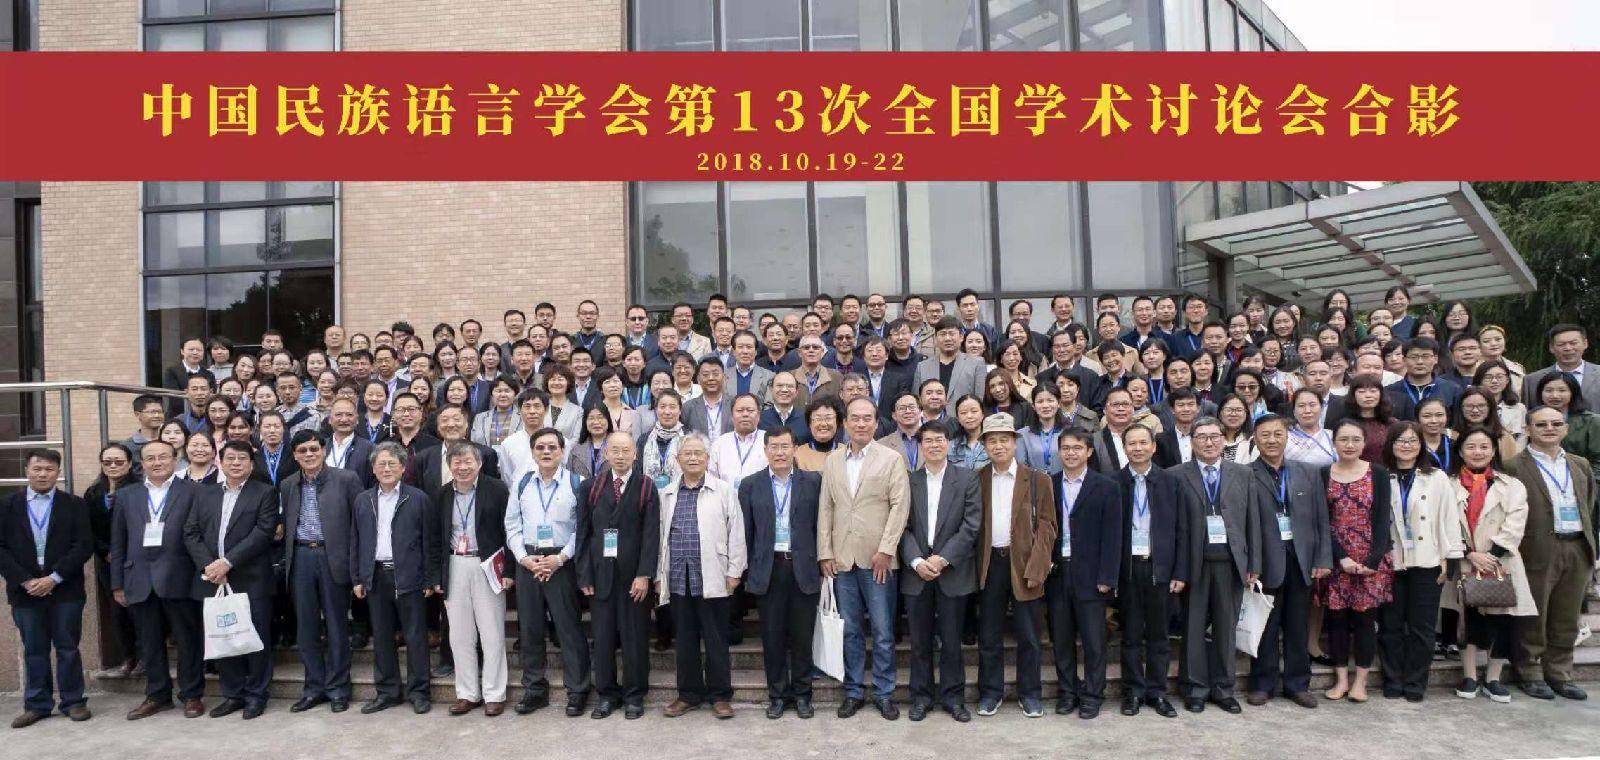 中国民族语言学会第13次全国学术讨论会参会人员合影